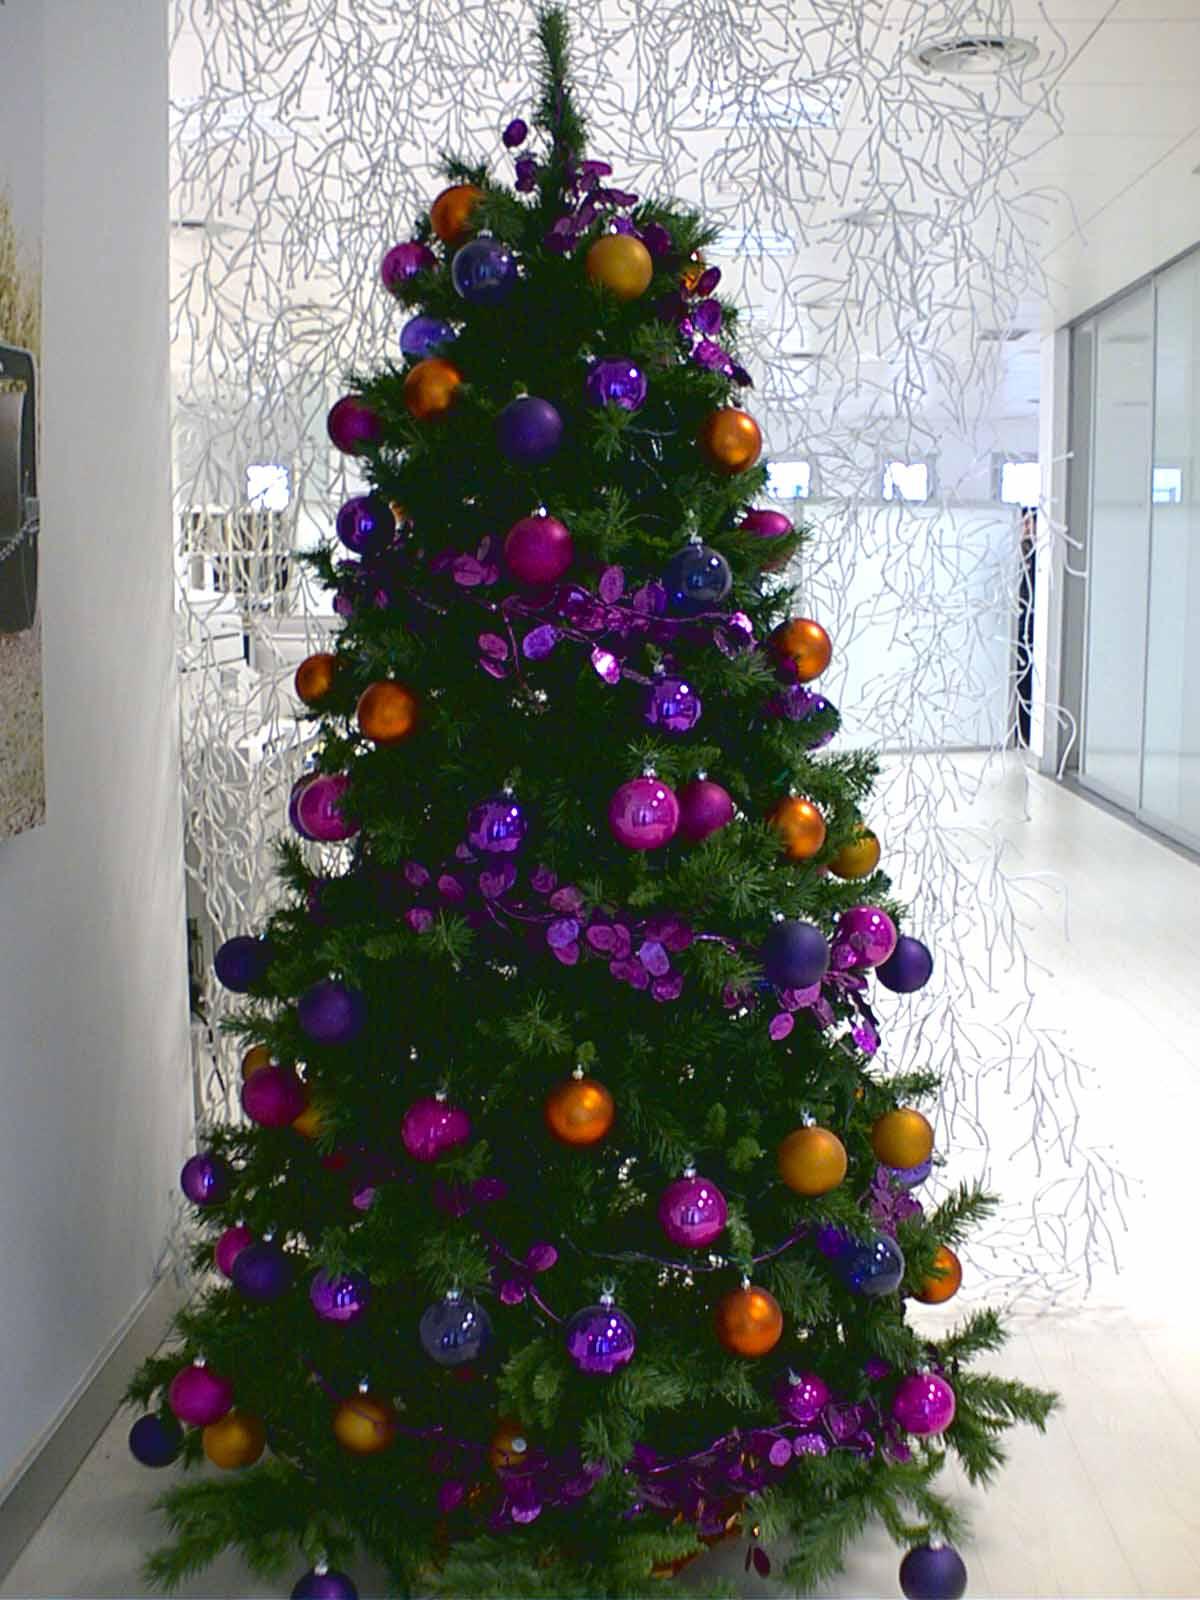 Rbol de navidad morado b m rboles de navidad - Arboles de navidad de chuches ...